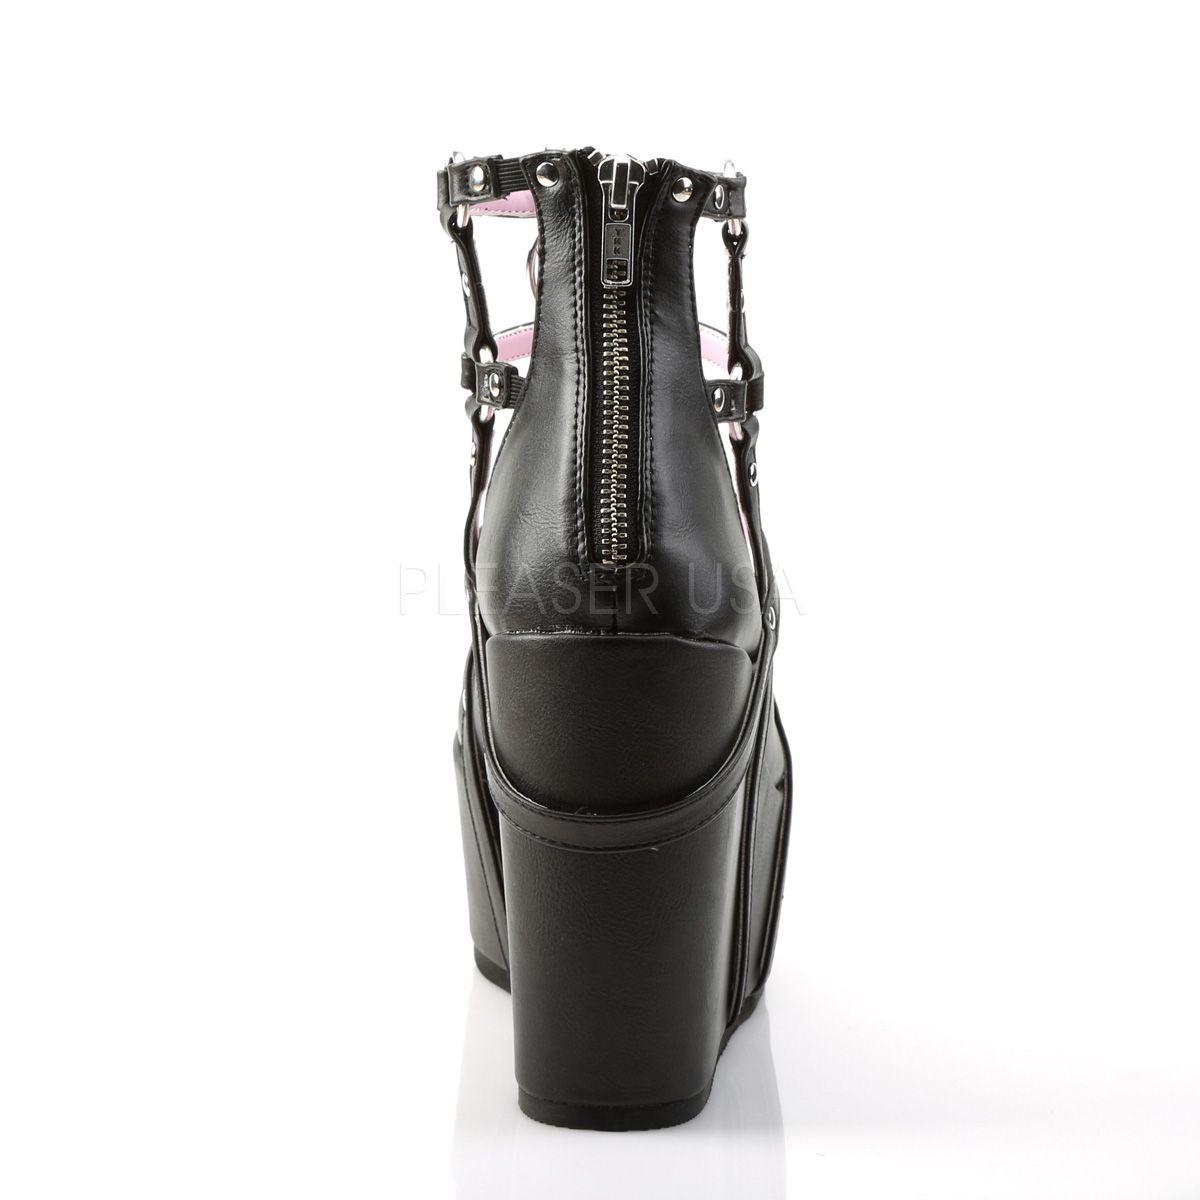 Sapato Poison 25-1 - Demonia (encomenda)